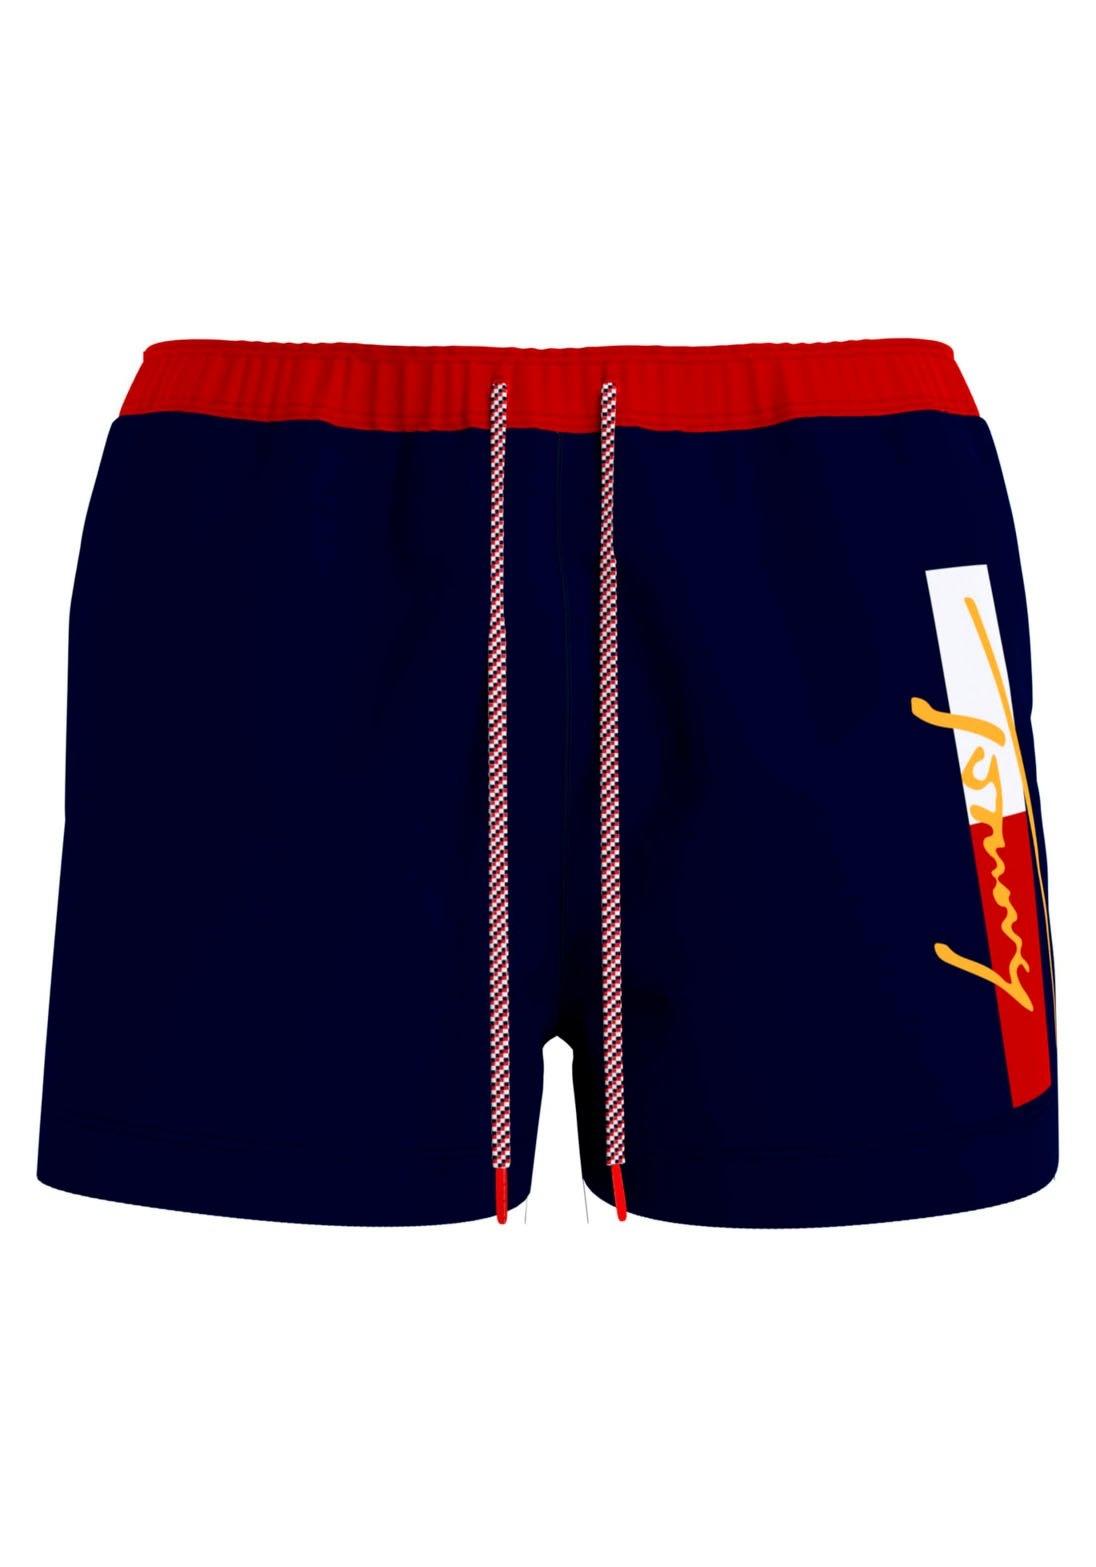 Op zoek naar een Tommy Hilfiger zwemshort met contrasterende band? Koop online bij Lascana